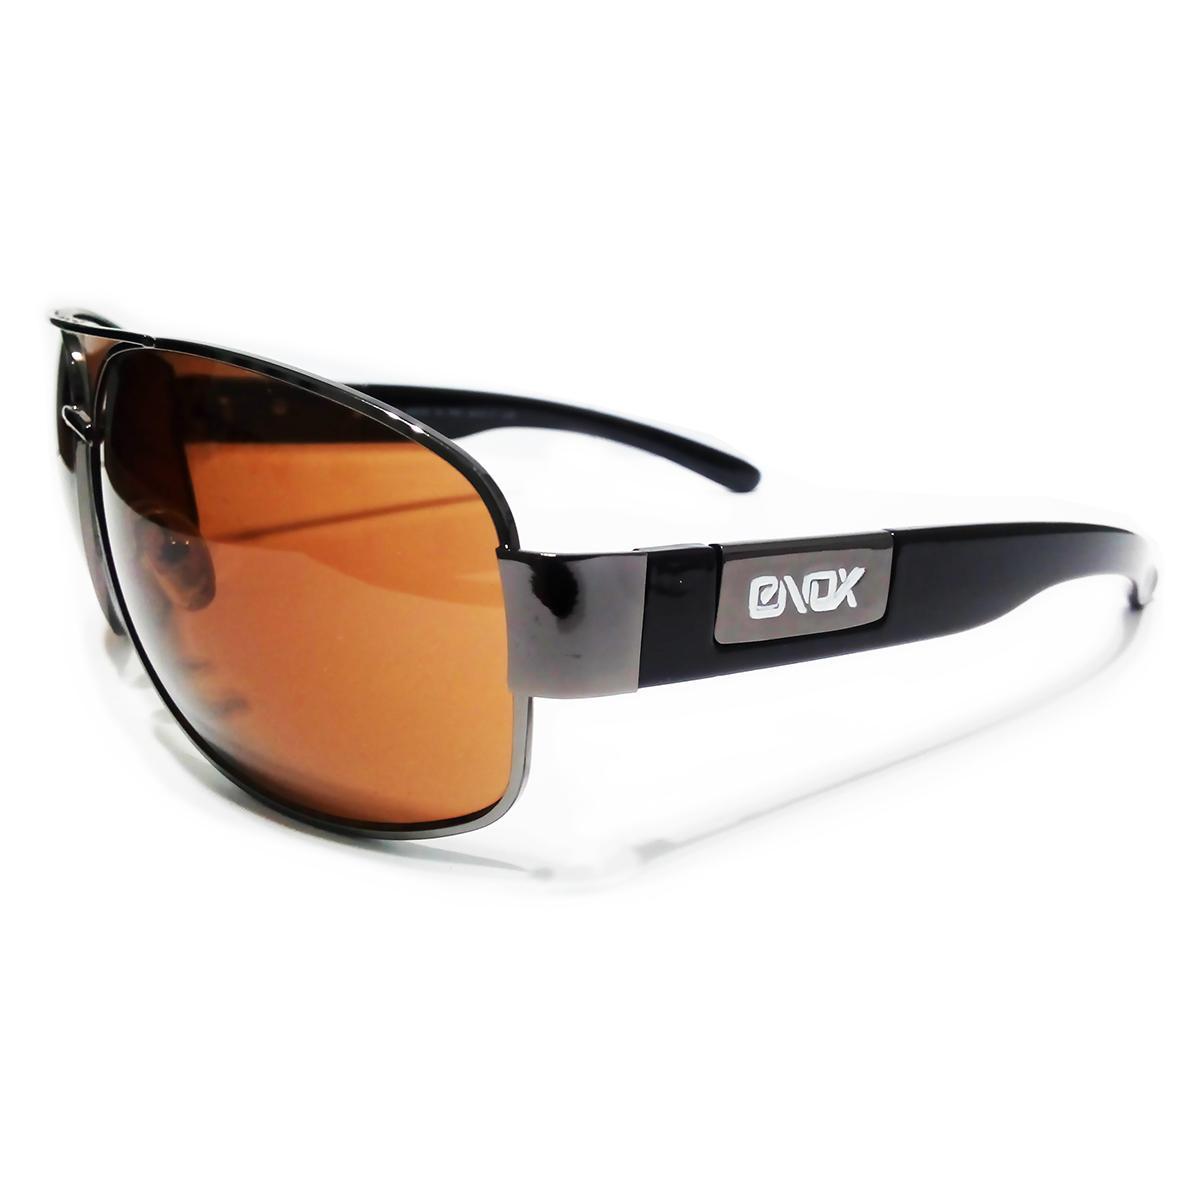 0feb8691f Óculos de Sol Rivers 1812 - Enox R$ 19,90 à vista. Adicionar à sacola